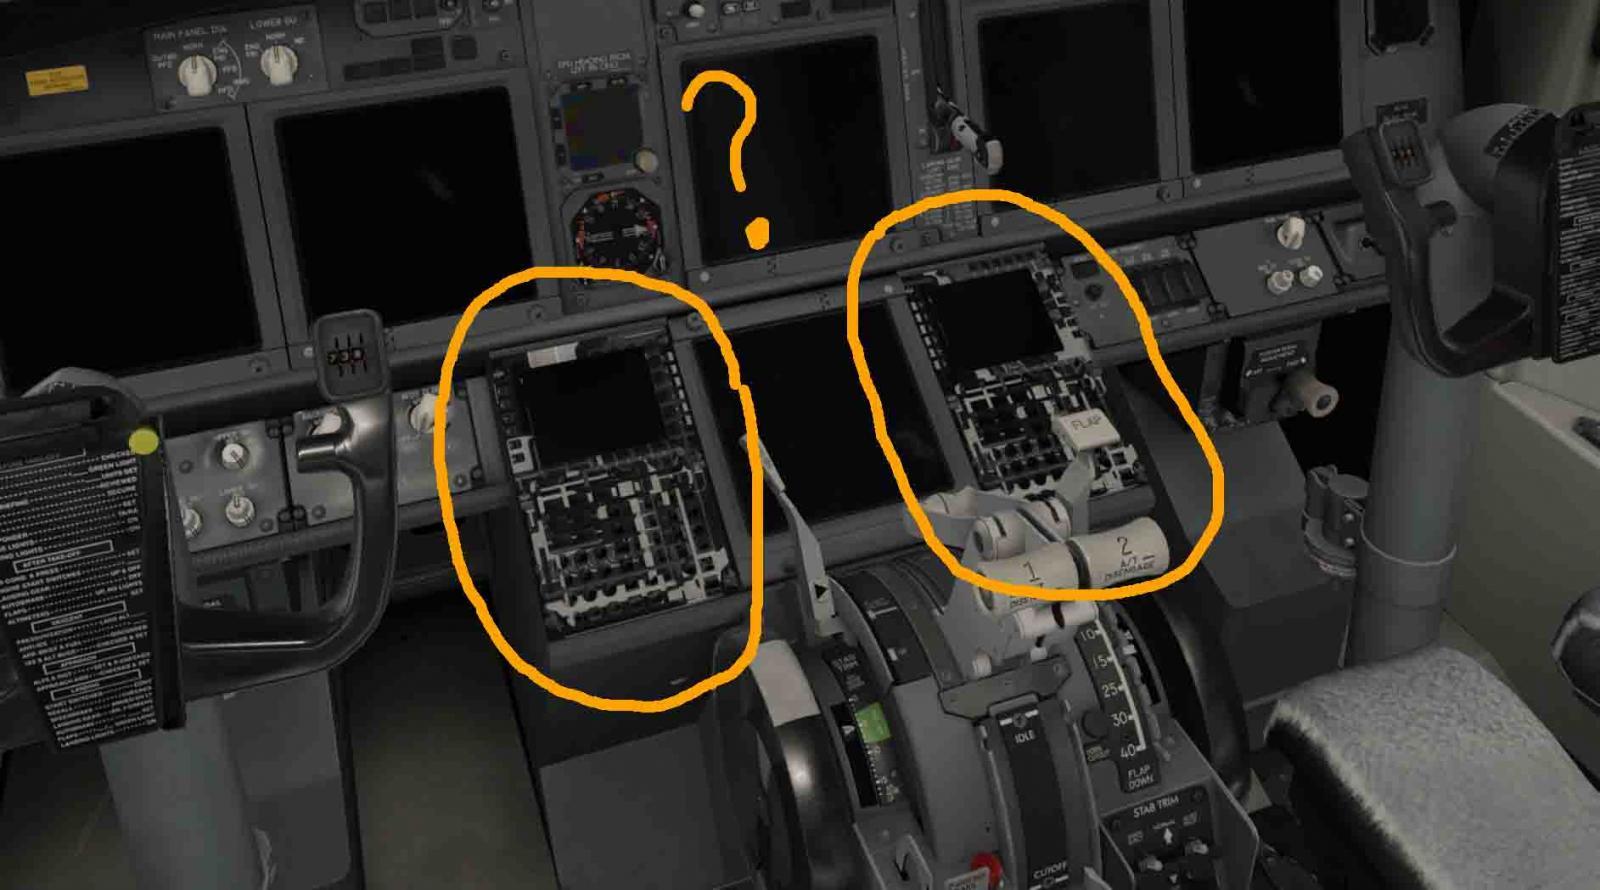 FMC Case texture bug in ZIBO 737-800 mod - ZIBO B738-800